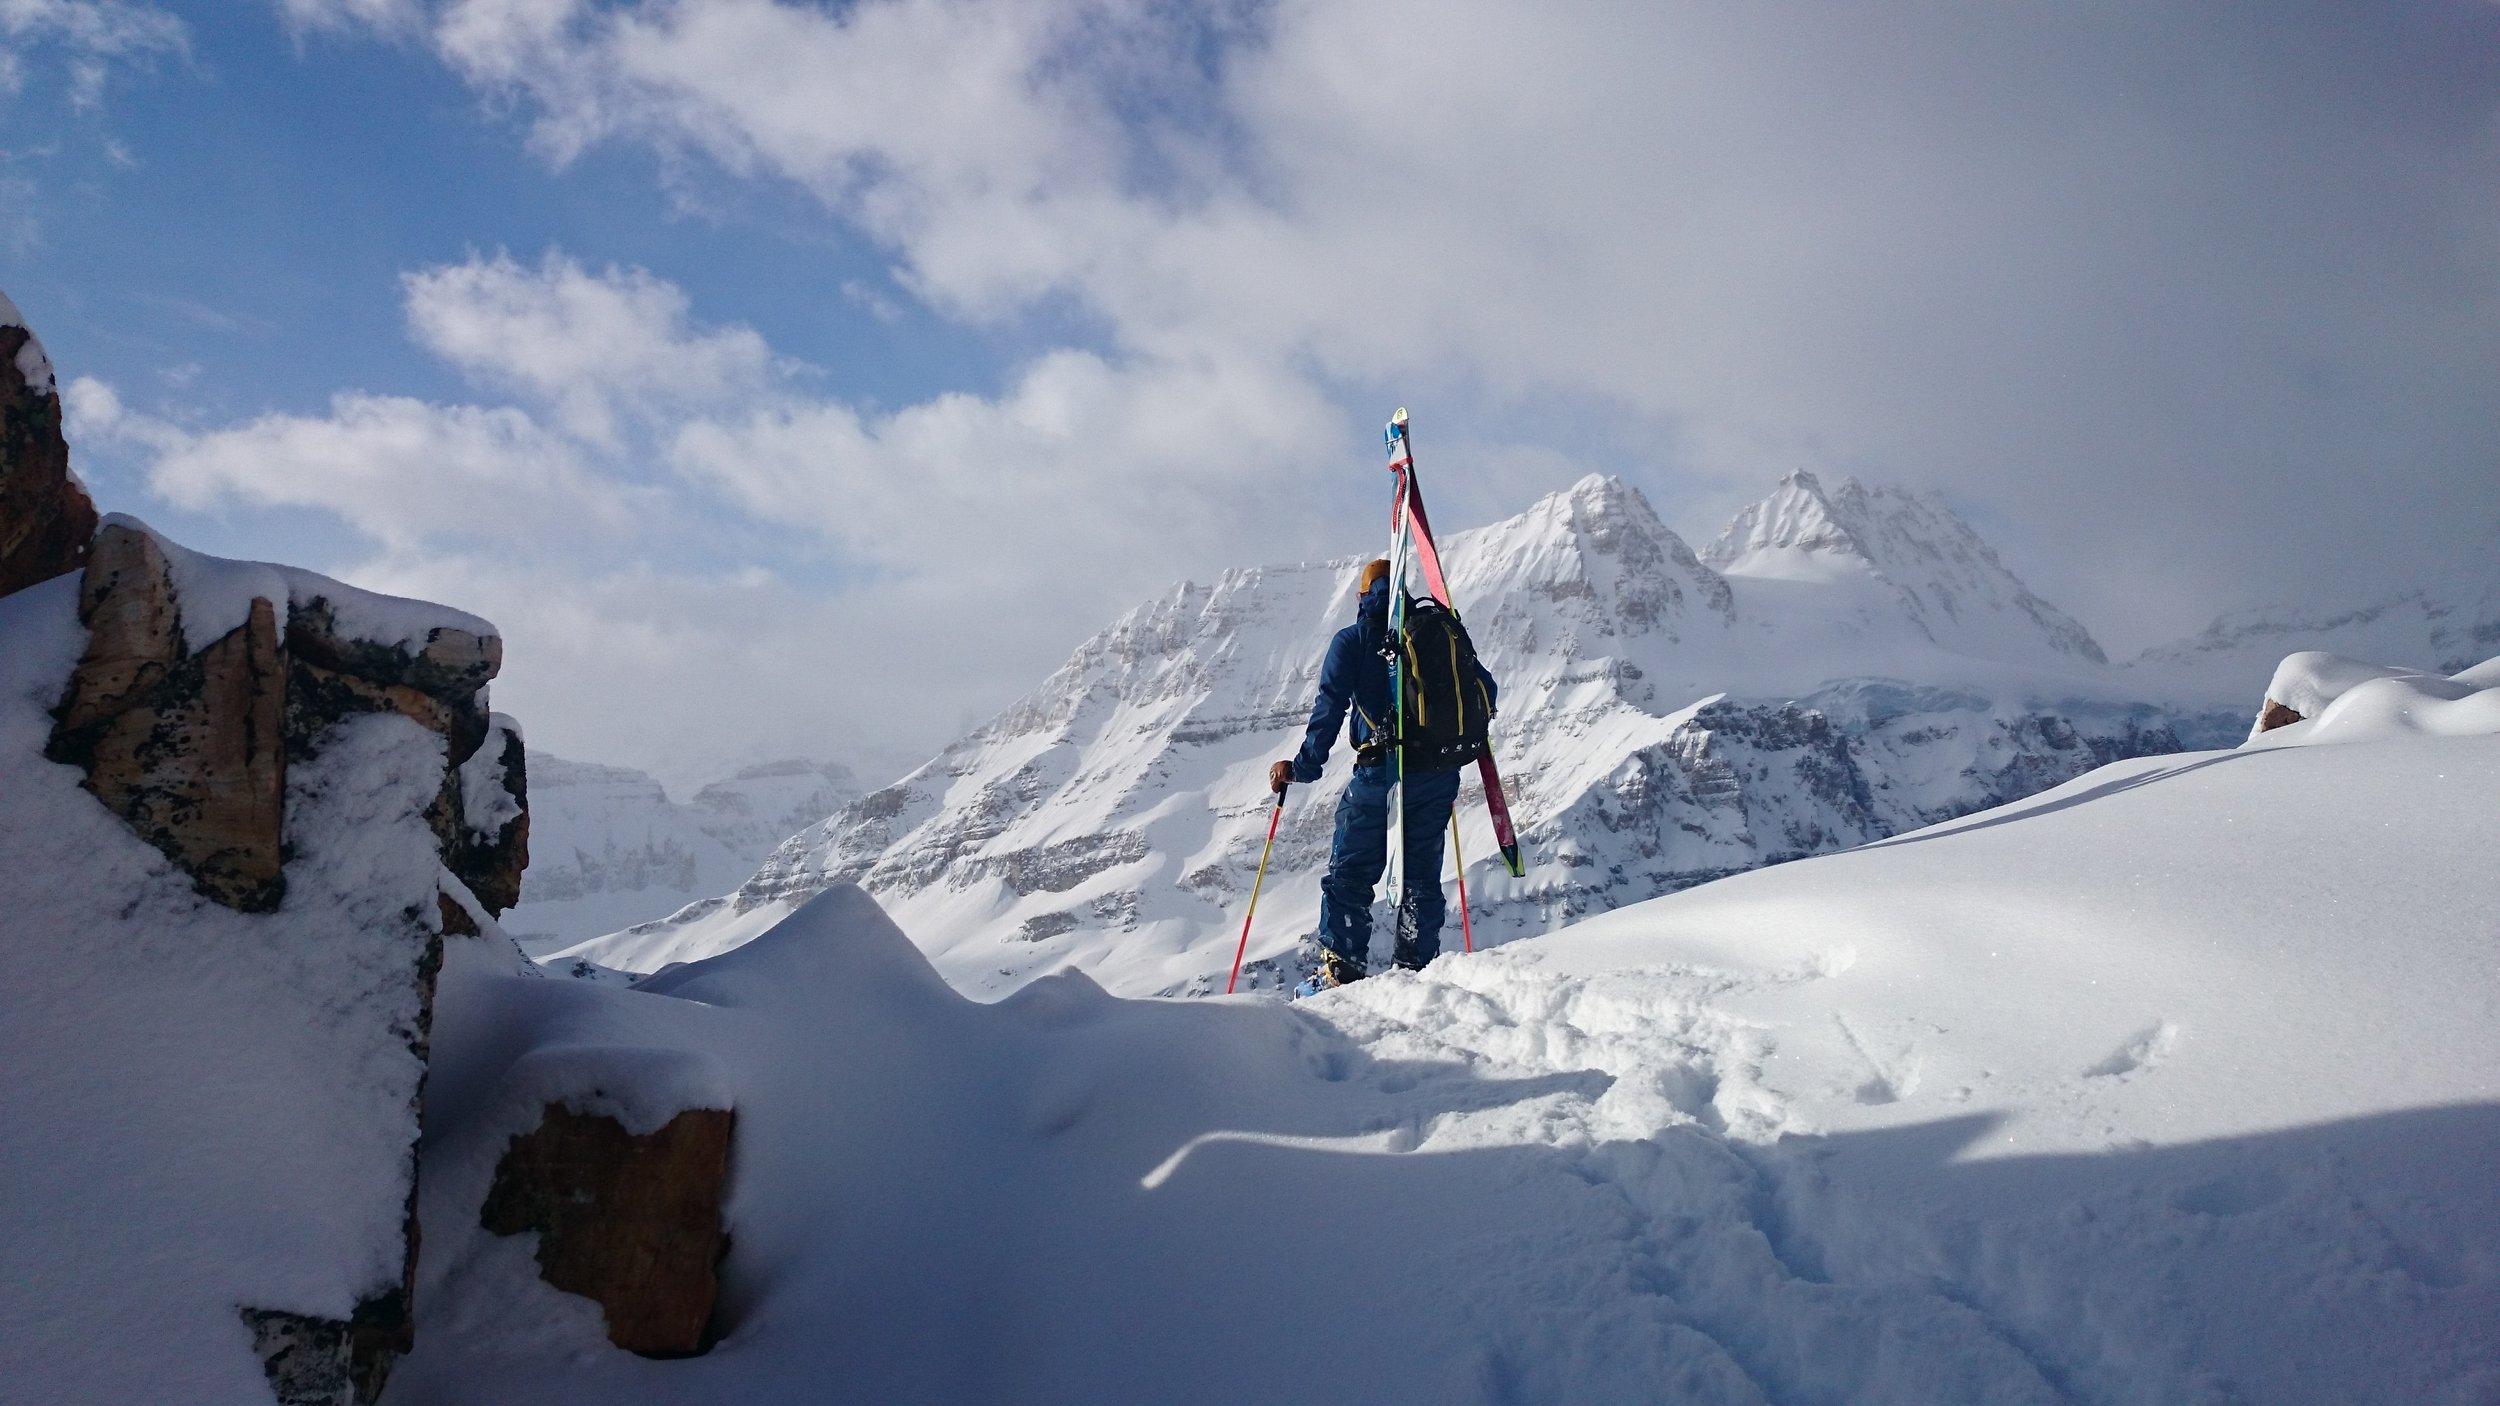 Chris Rubens on Mt. Bell